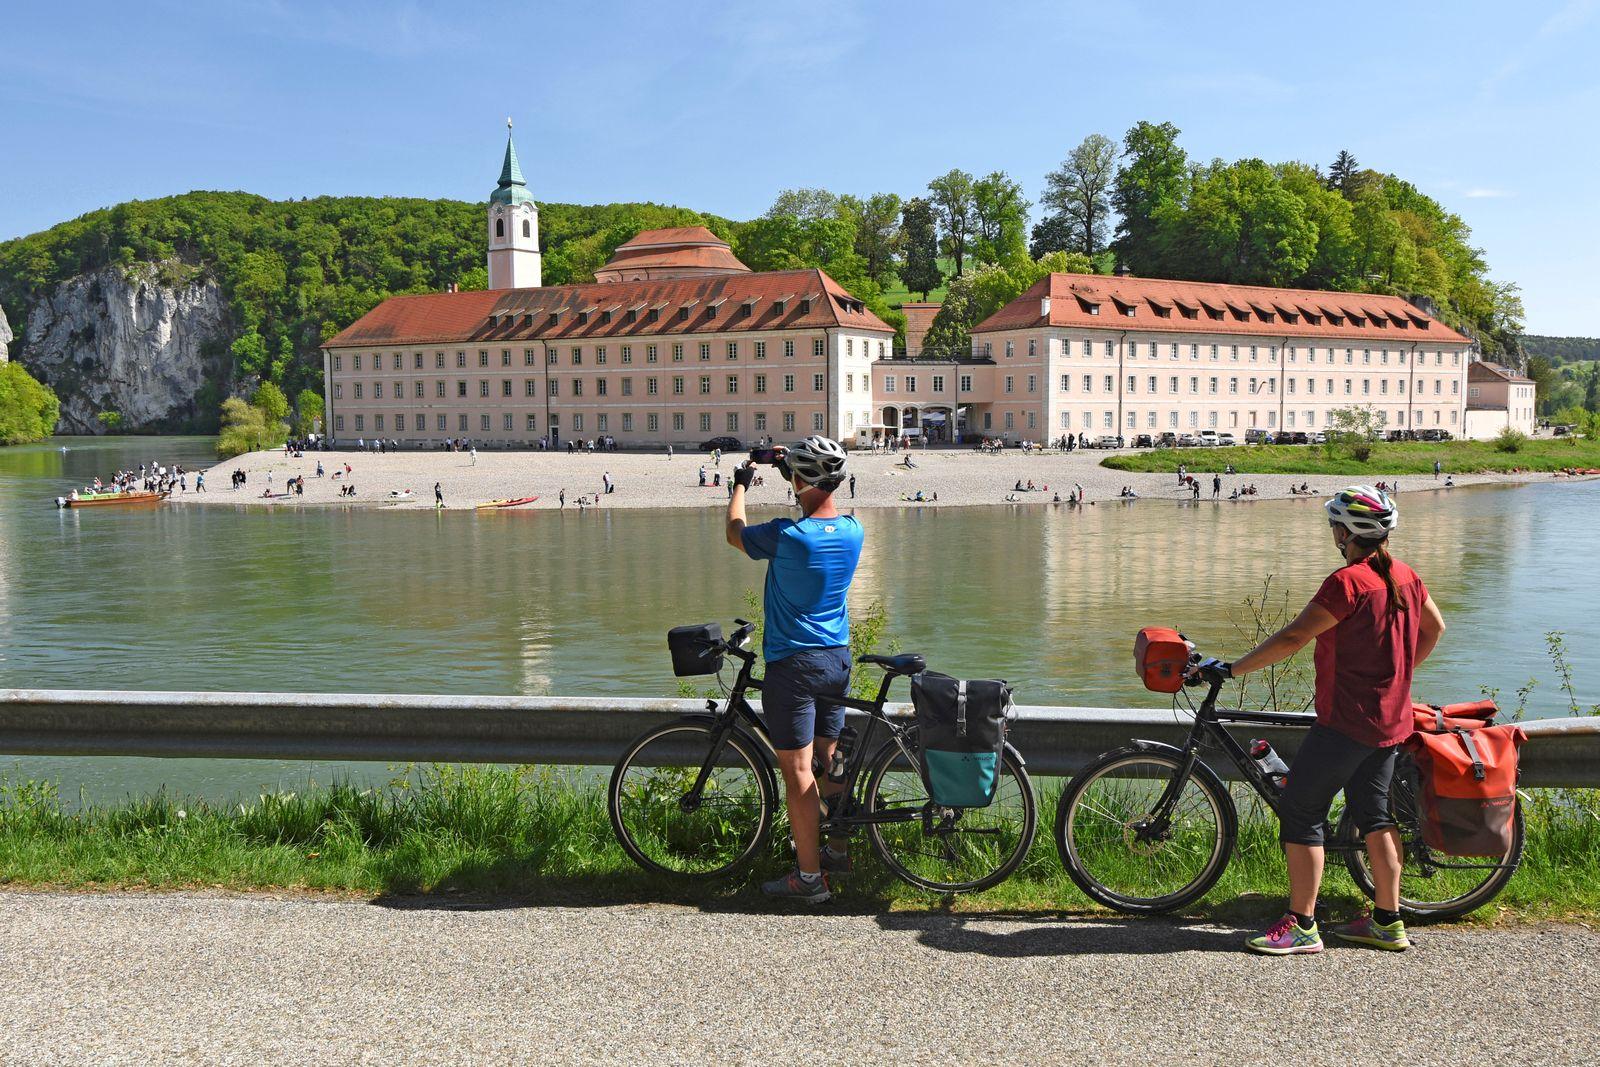 Fünf-Flüsse-Radweg Kloster Weltenburg - Thorsten Brönner